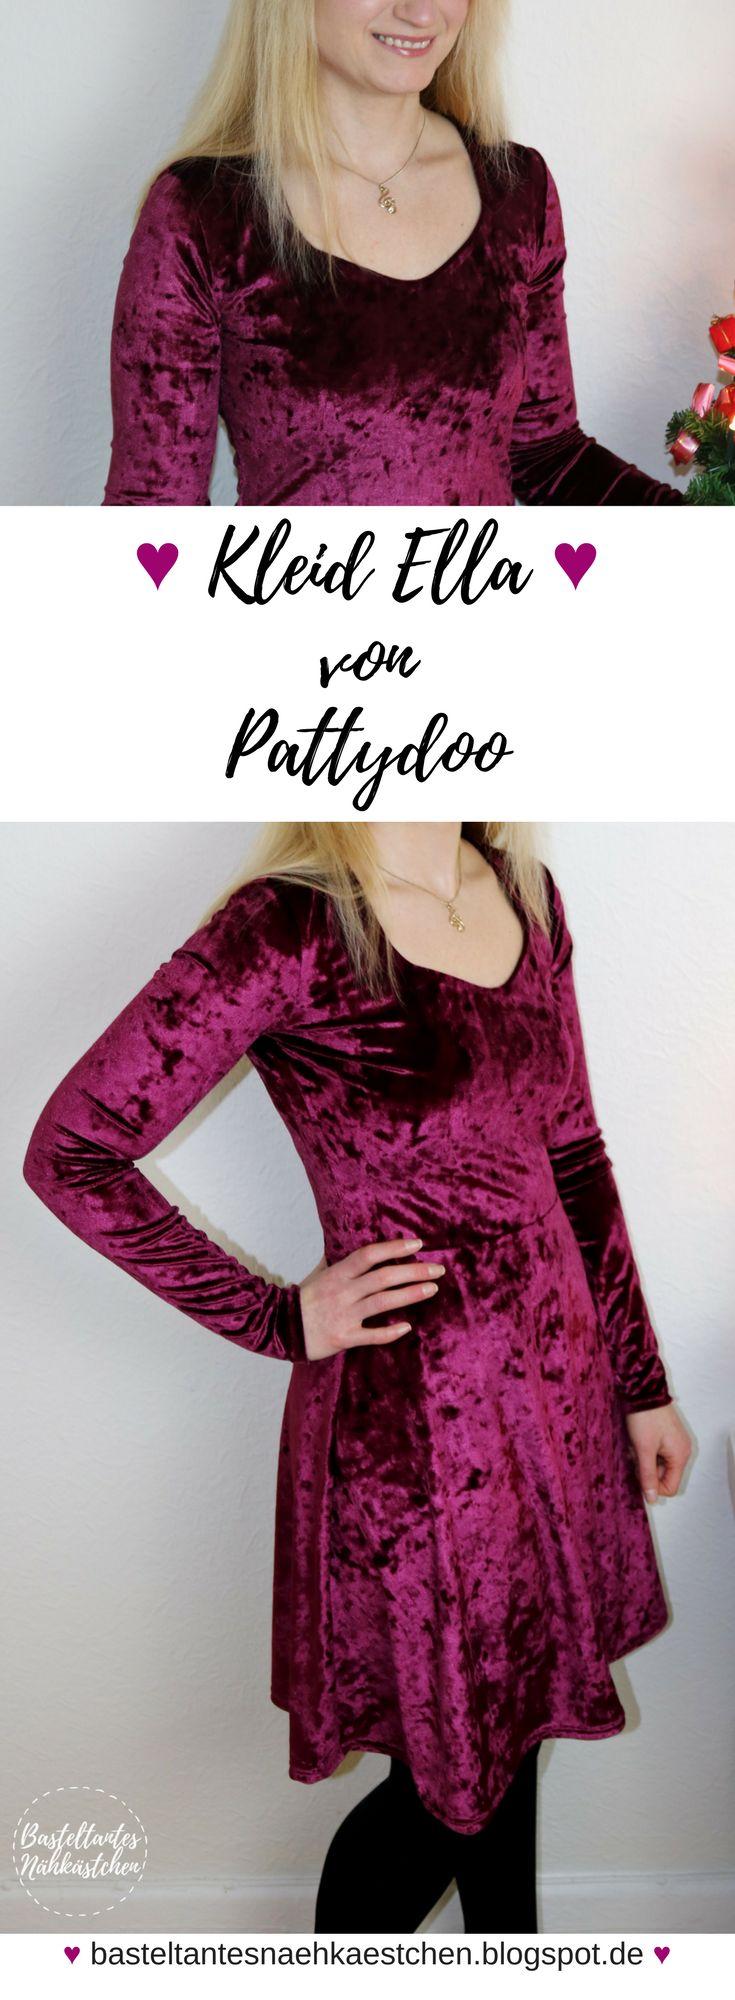 Kleid Ella Schnittmuster von Pattydoo aus Nicki Bordeaux glänzend genäht von Basteltantes Nähkästchen - selbst genähte Mode für Frauen - DIY Sewing